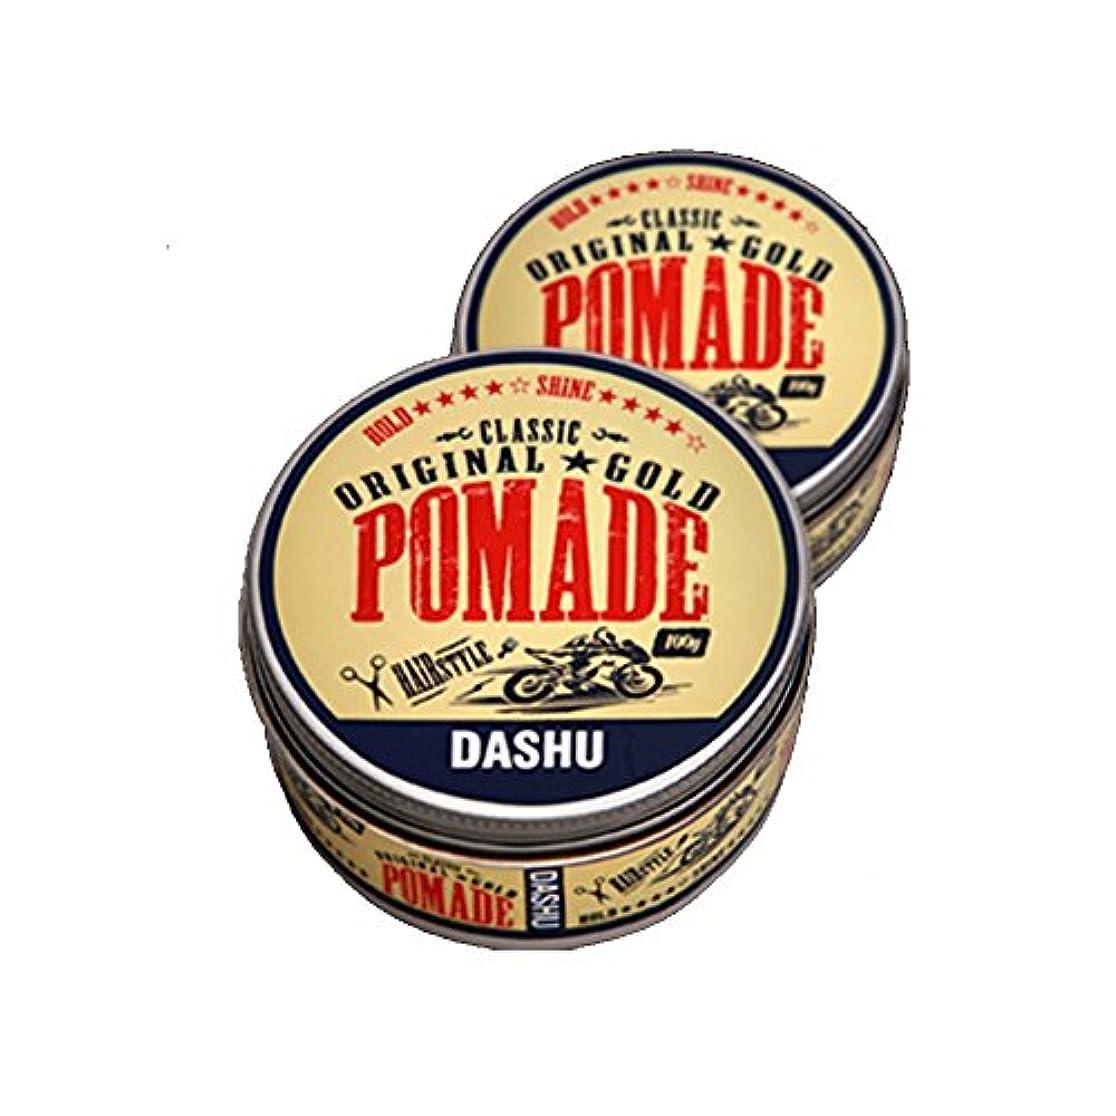 新しさ地図ペチュランス(2個セット) x [DASHU] ダシュ クラシックオリジナルゴールドポマードヘアワックス Classic Original Gold Pomade Hair Wax 100ml / 韓国製 . 韓国直送品